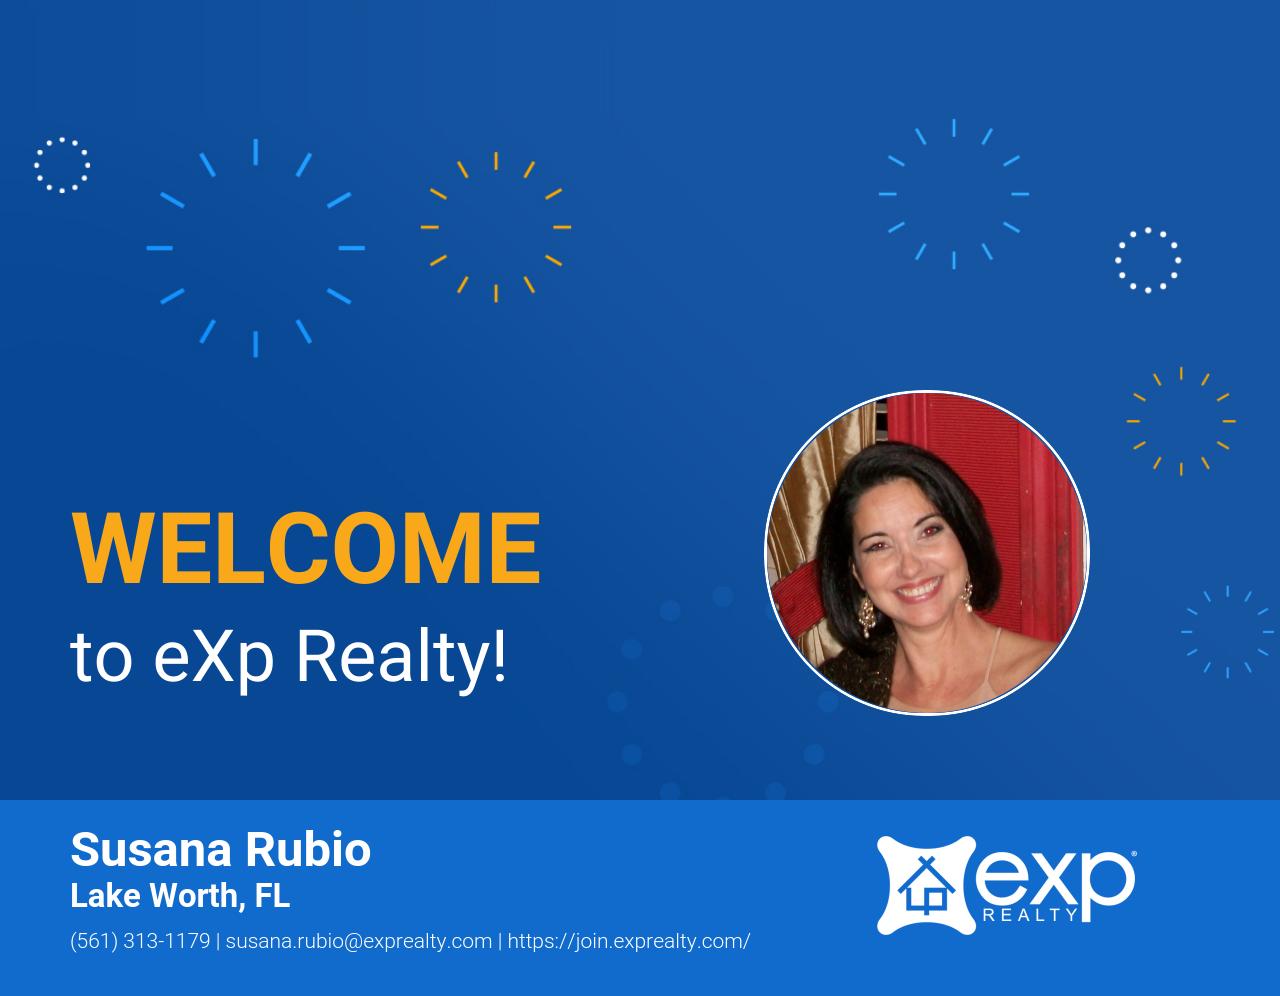 Susana Rubio Joined eXp Realty!